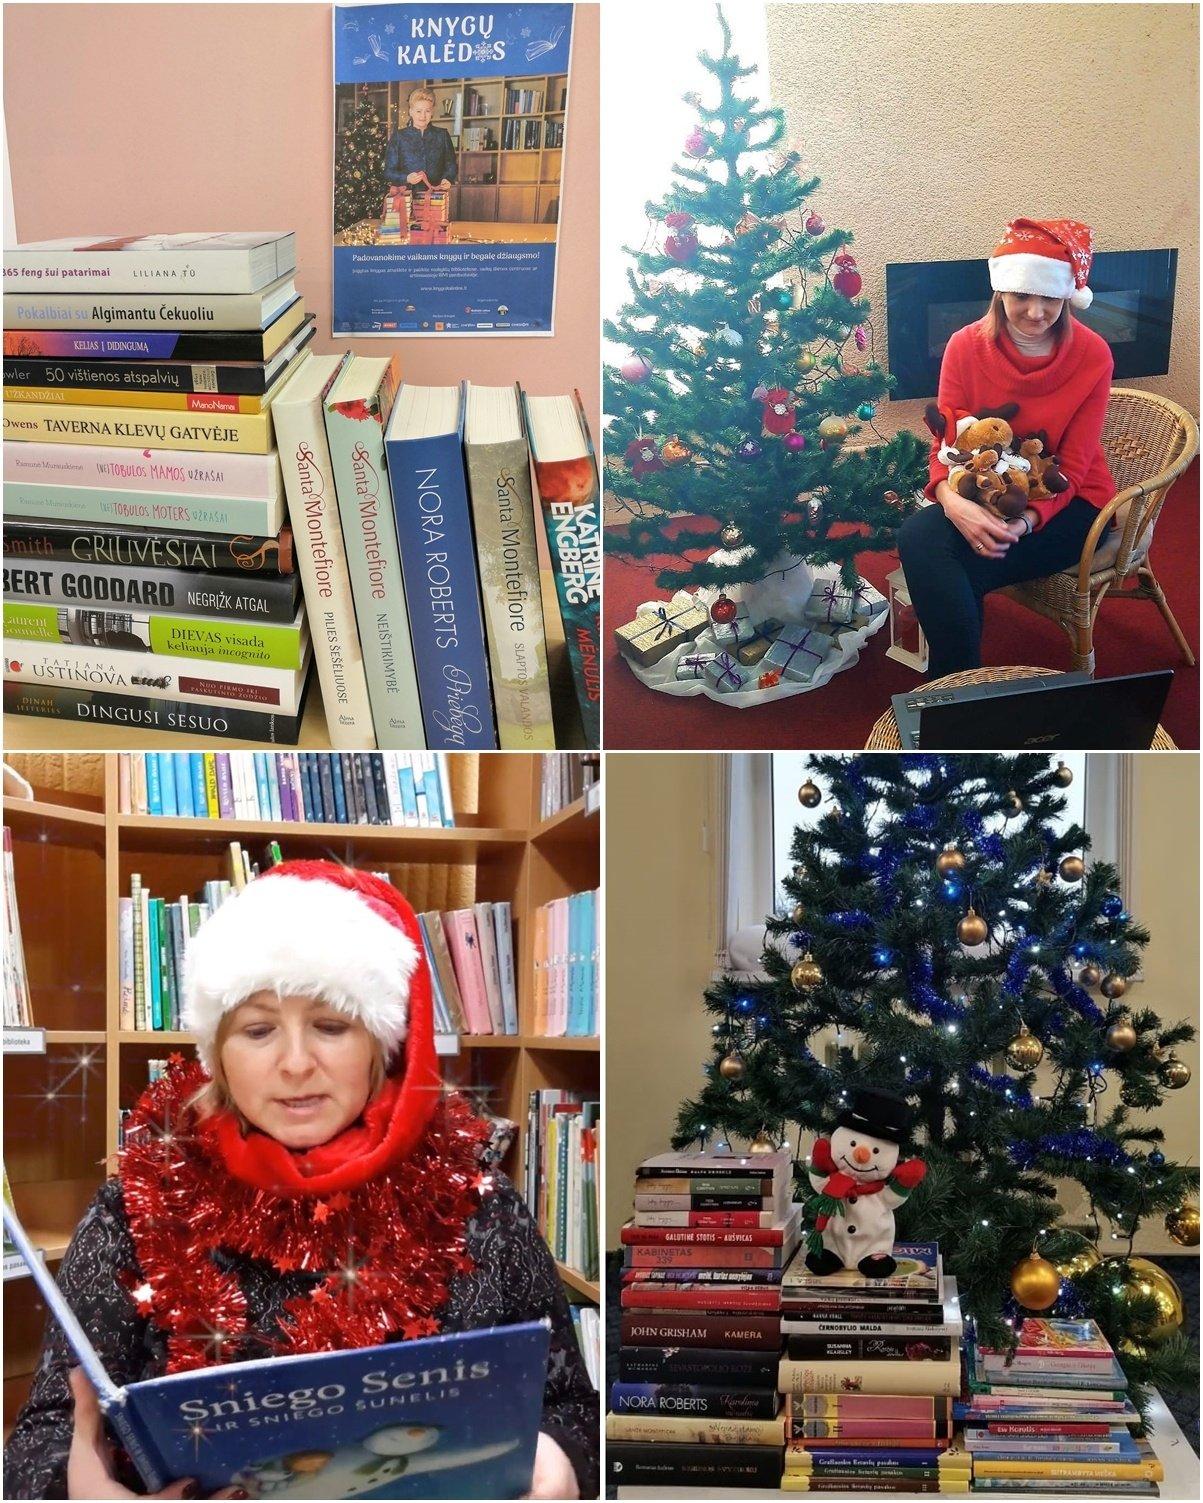 """Akcija """"Knygų Kalėdos"""" Panevėžio Elenos Mezginaitės viešojoje bibliotekoje"""